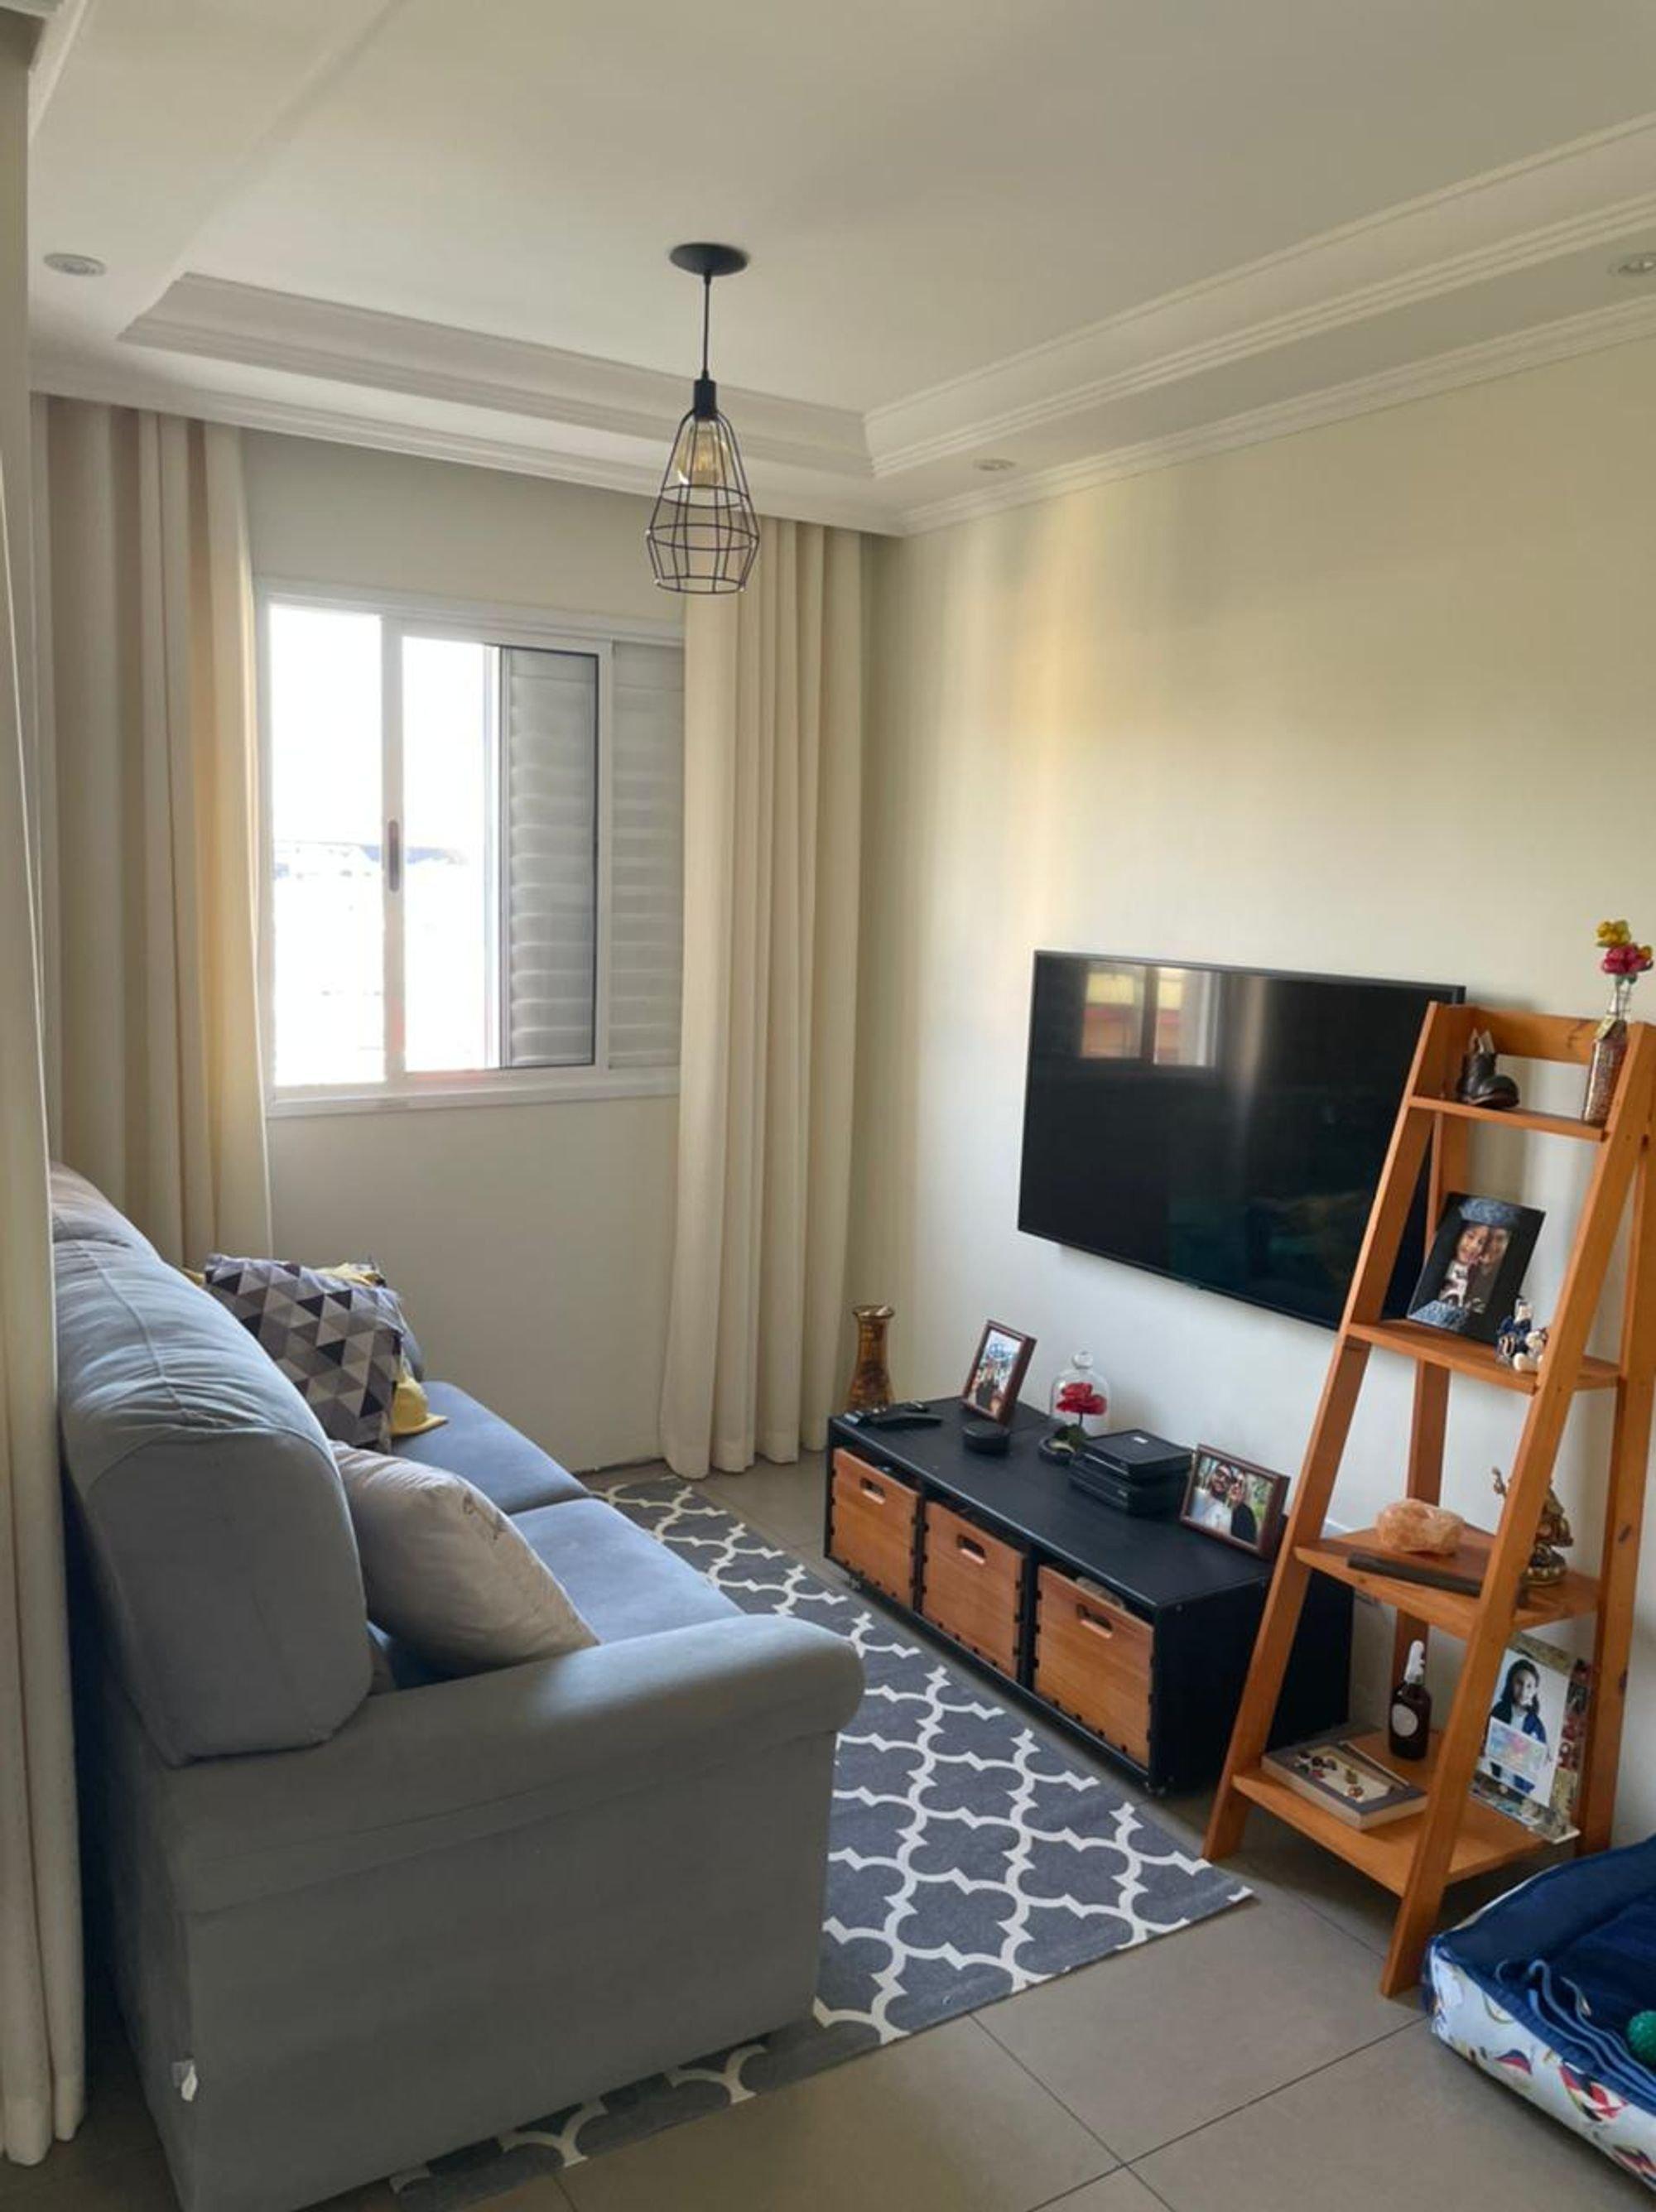 Foto de Quarto com controle remoto, sofá